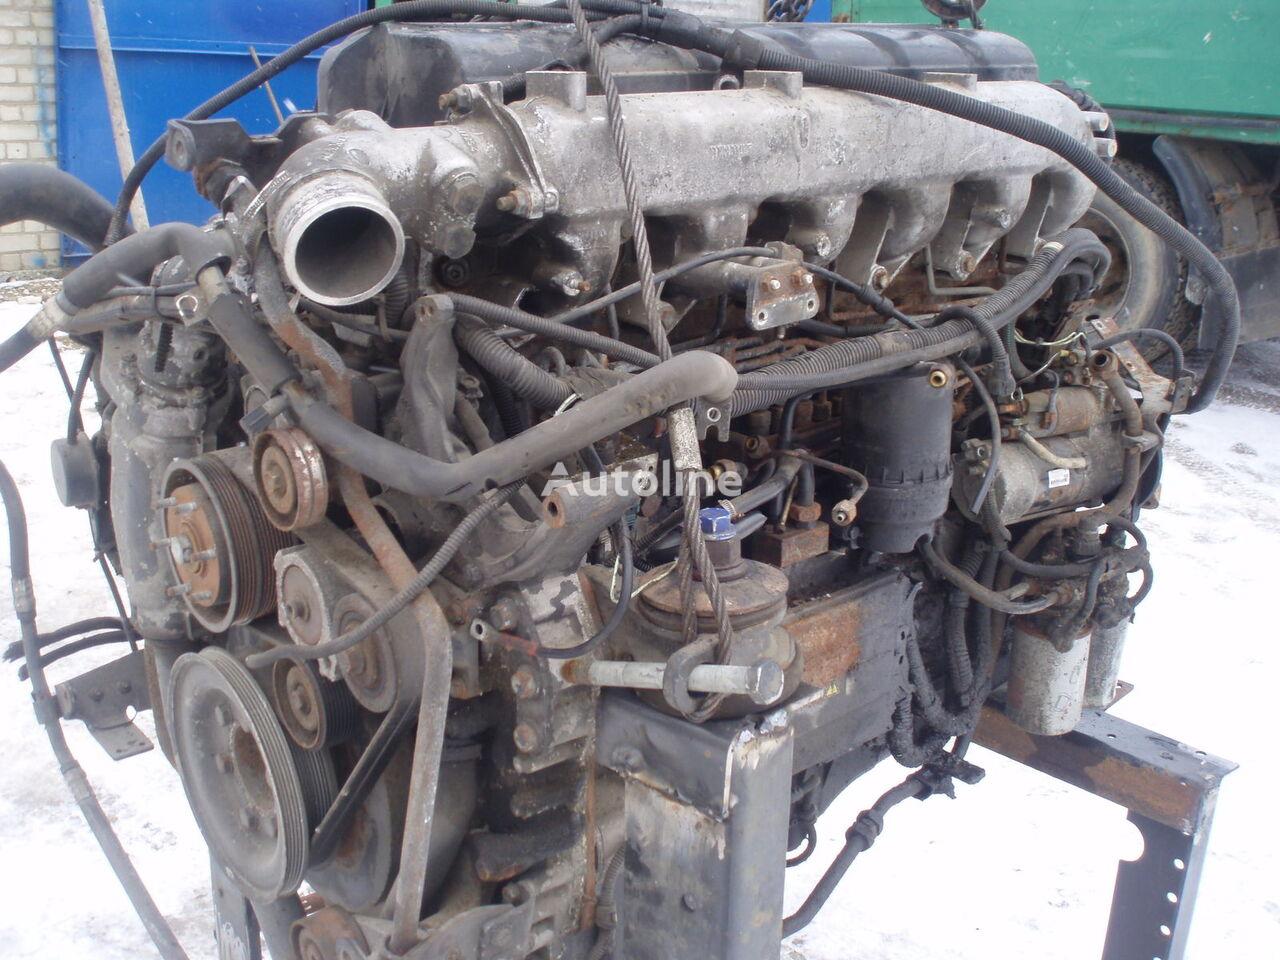 mootor RENAULT DCI11C+J01 tüübi jaoks veoauto RENAULT PREMIUM